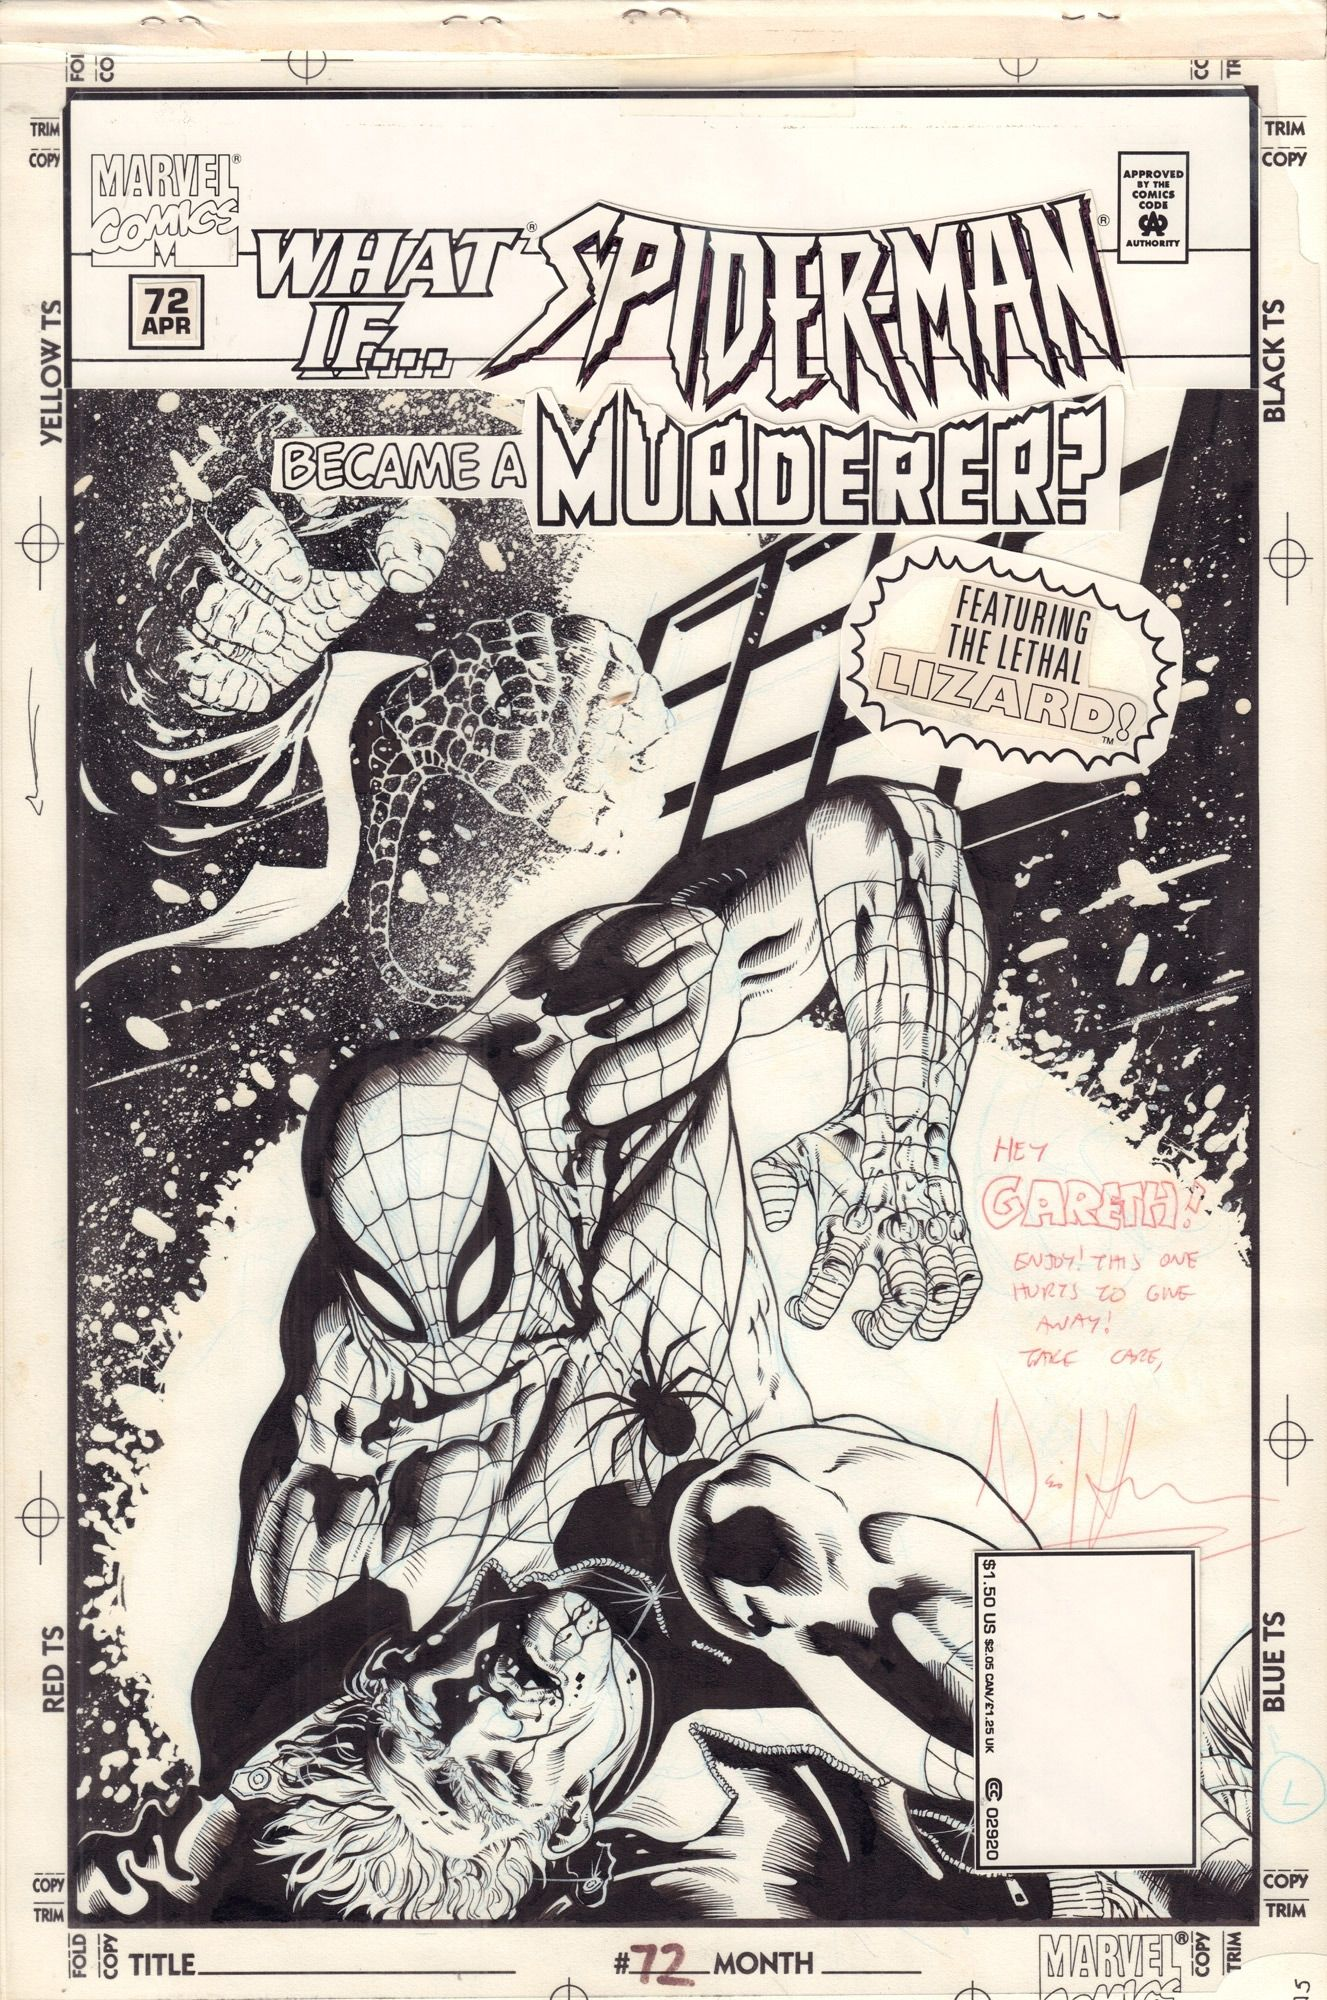 What If? vol 2 #72 Spider-man. Became a Murderer? - okładka